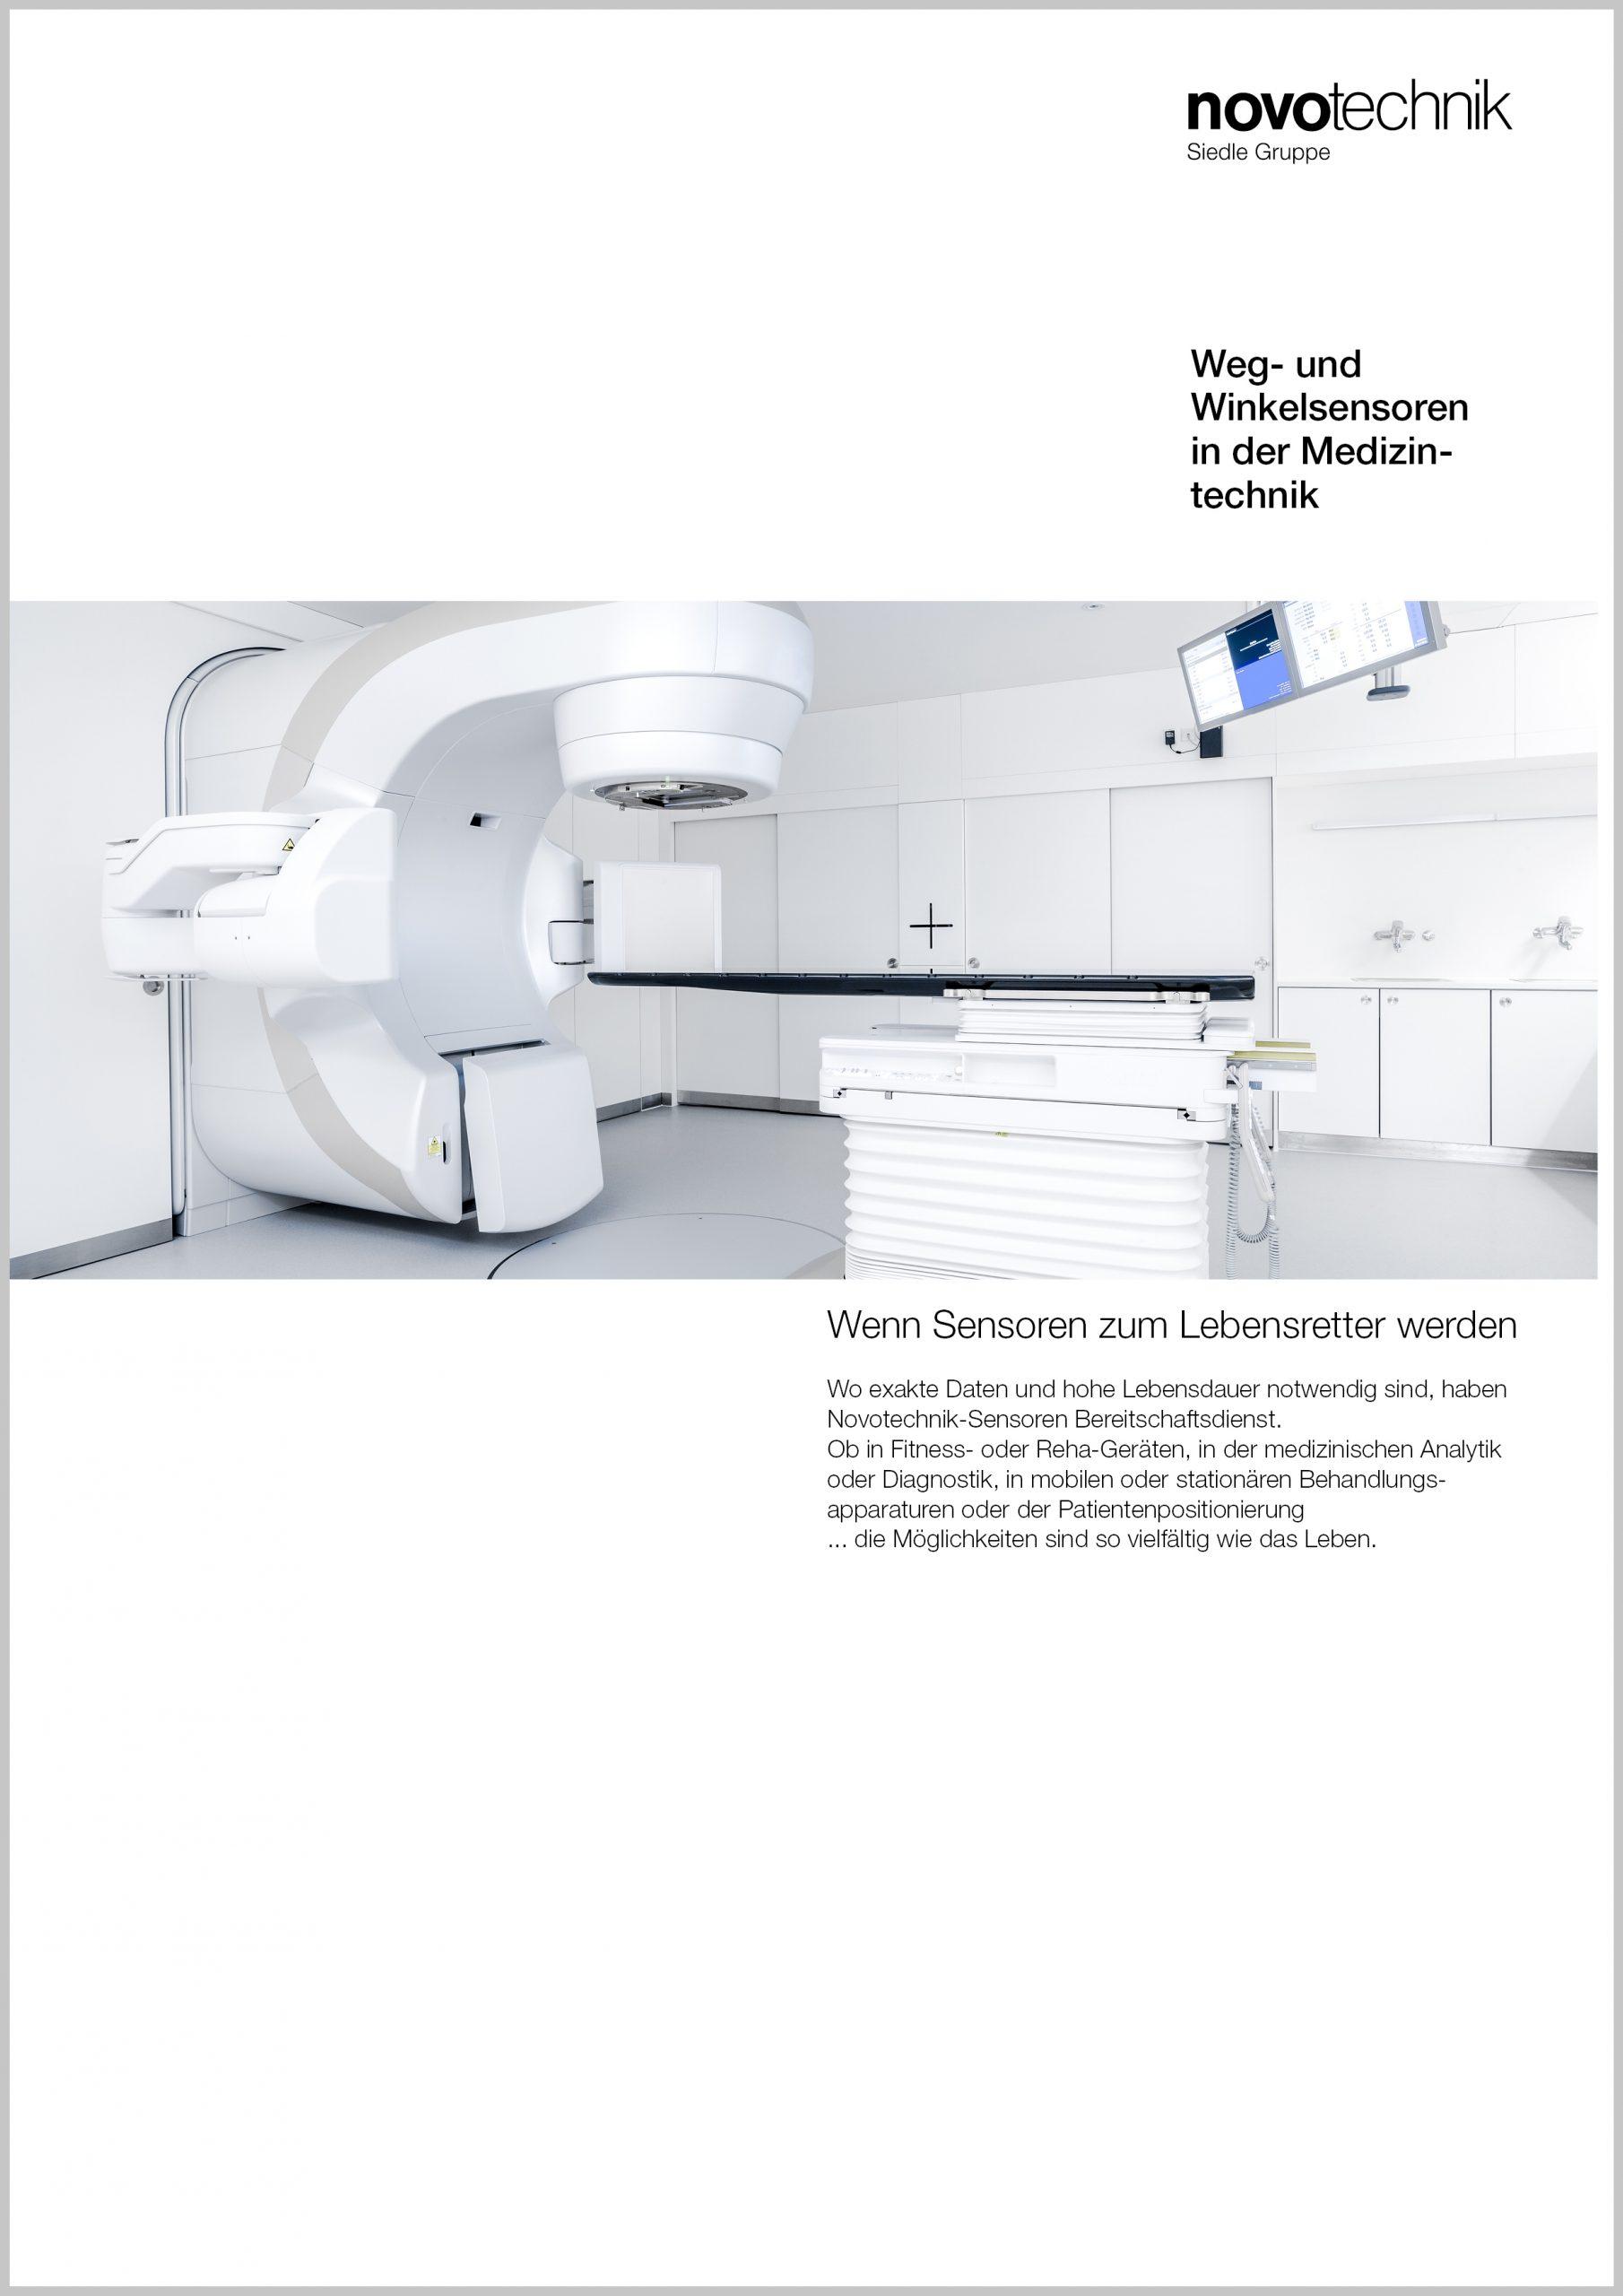 Weg- und Winkelmessung in der Medizintechnik